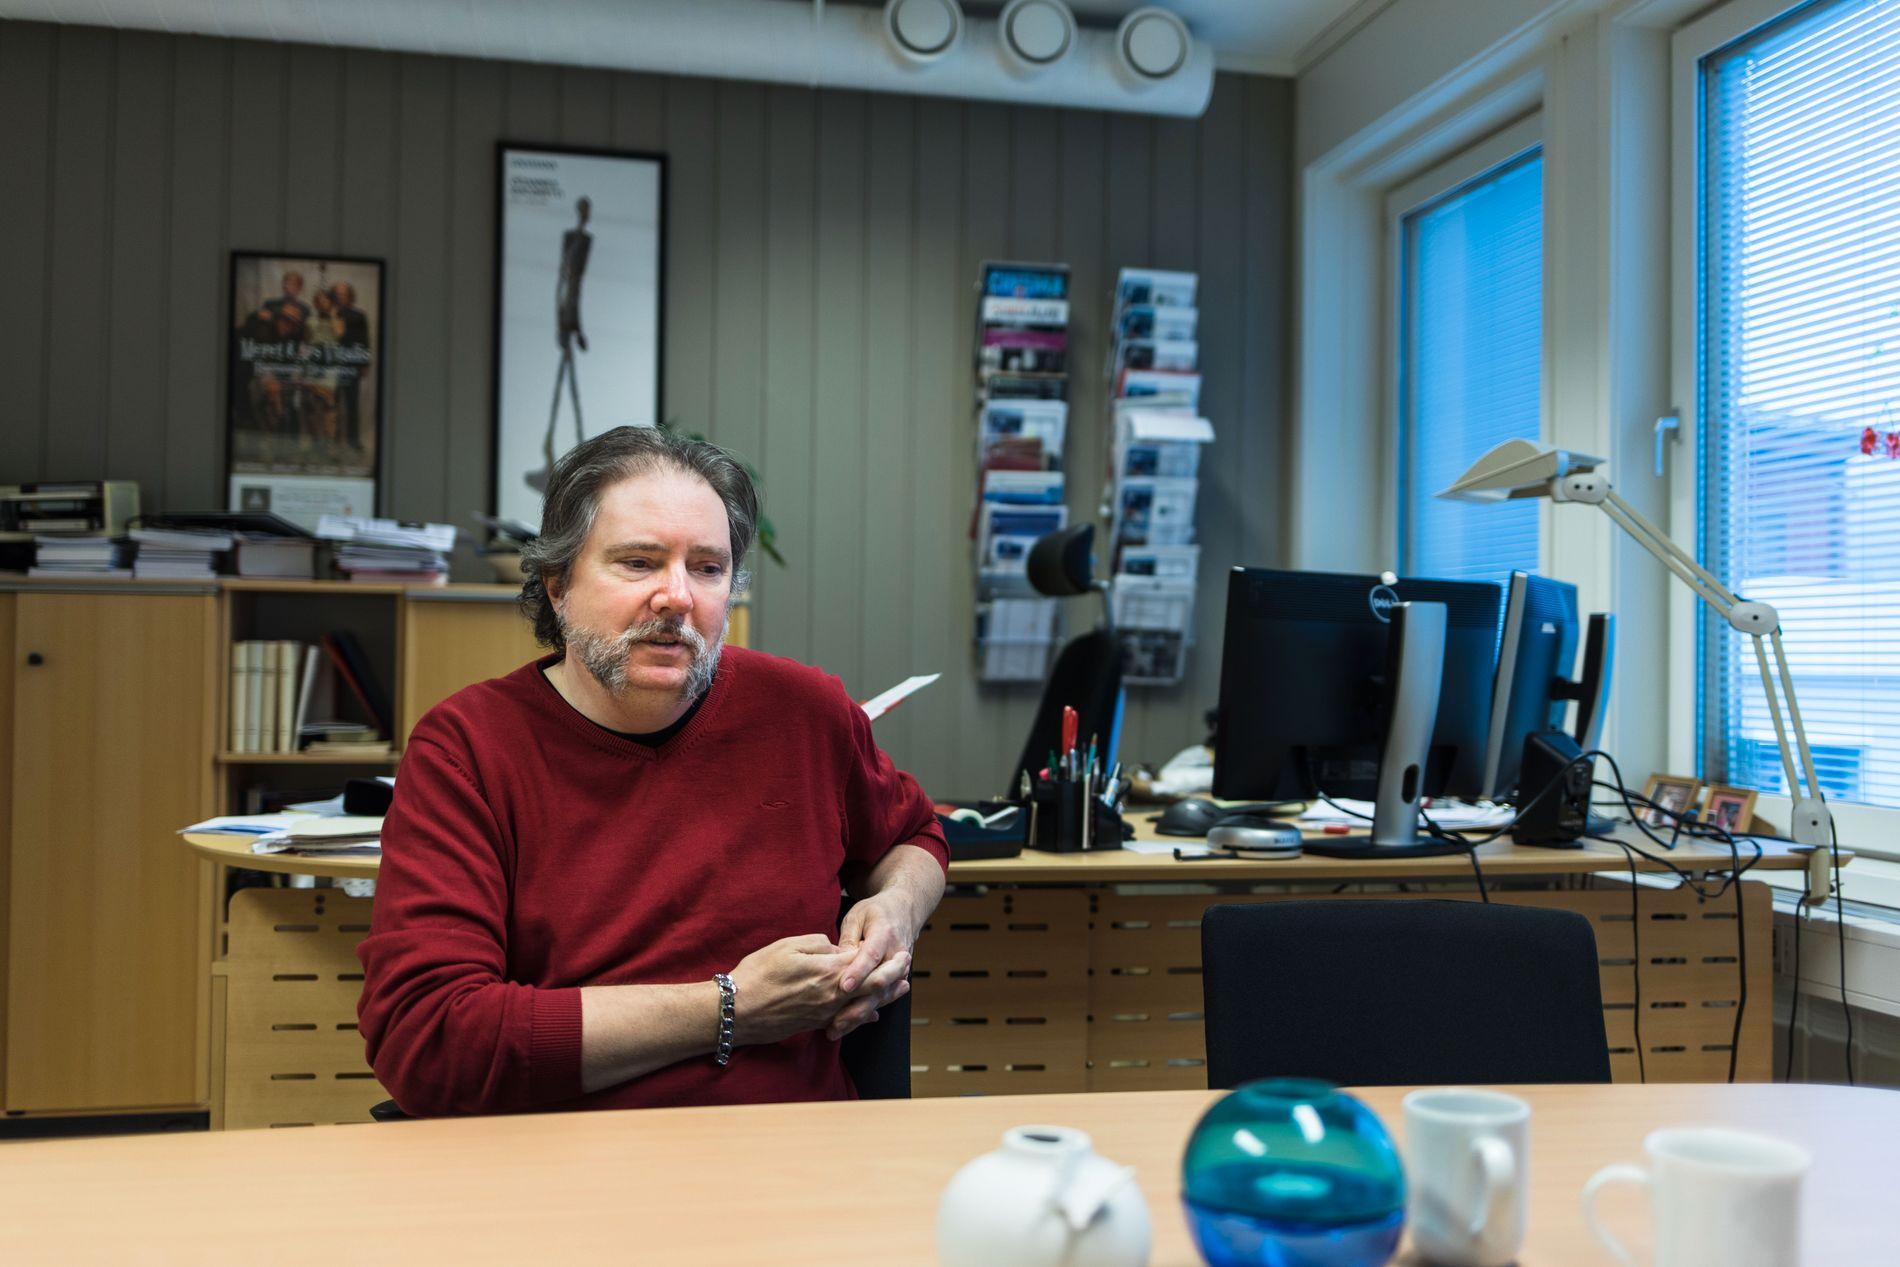 MÅTTE BETALE: Påtroppende kommunalsjef Frode Fossbakken sier det var sure penger da Øyer kommune måtte betale 25 prosent av inntektsøkningen til konsulentselskapet.